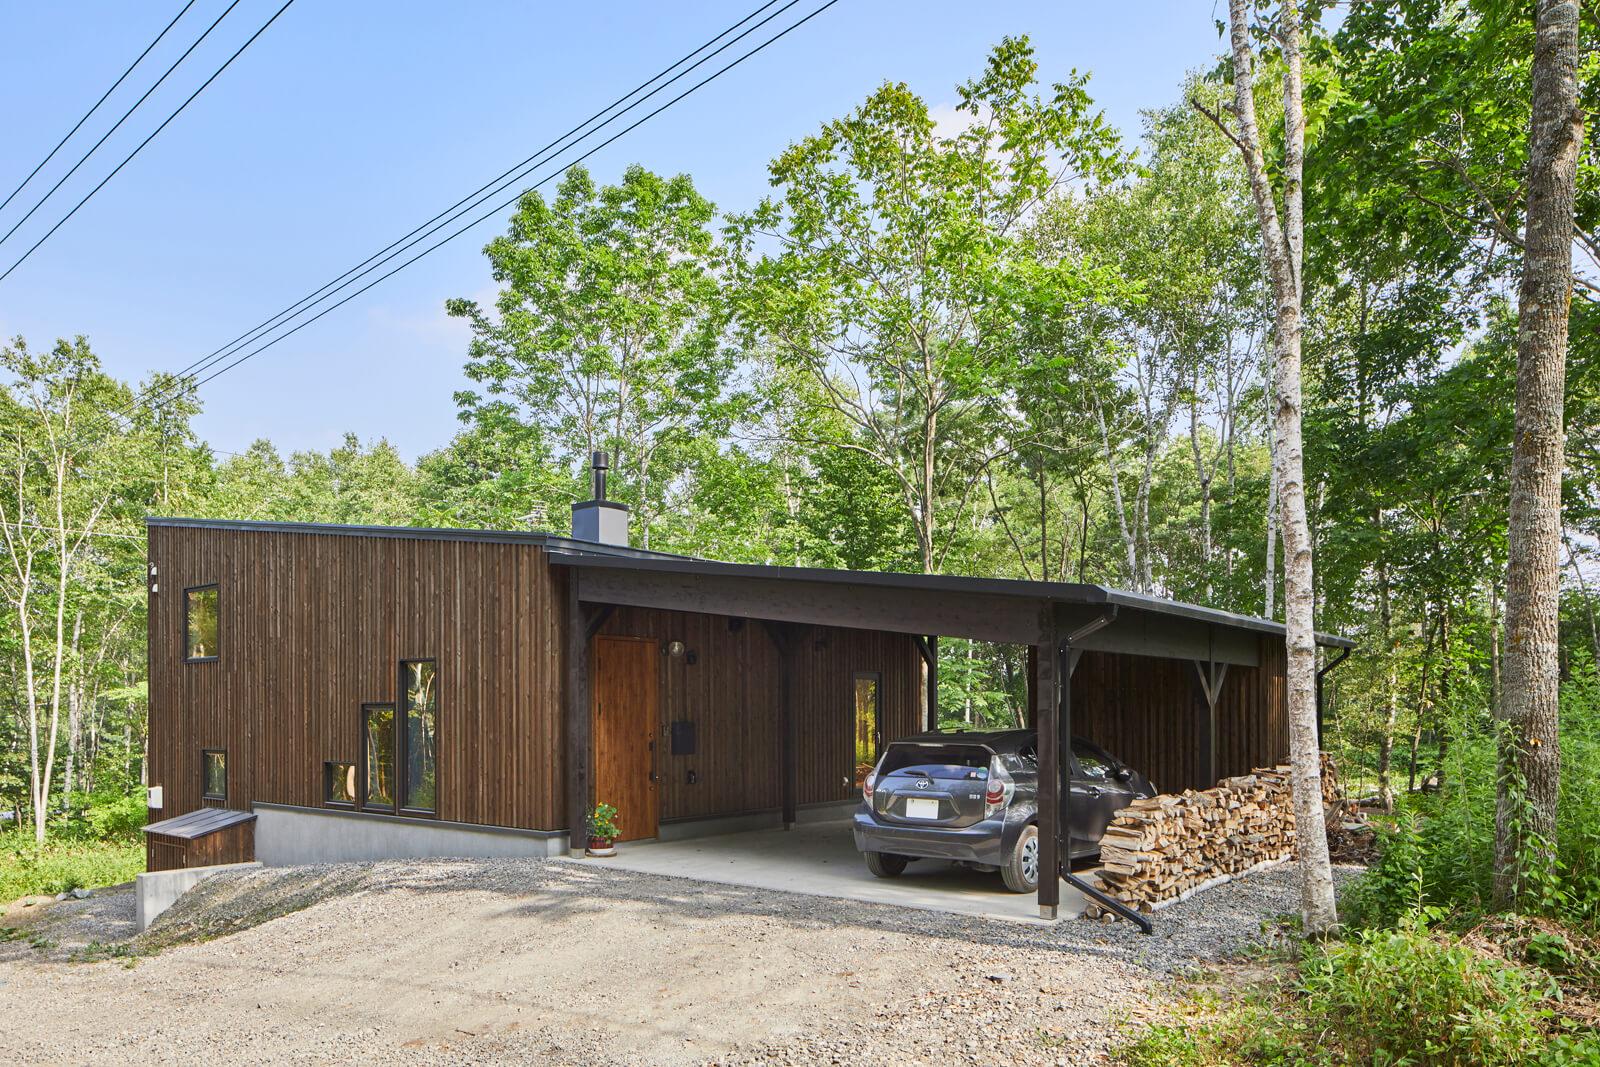 ゆとりある敷地に程よく既存樹を残しながら建てたTさん宅は別荘のような佇まい